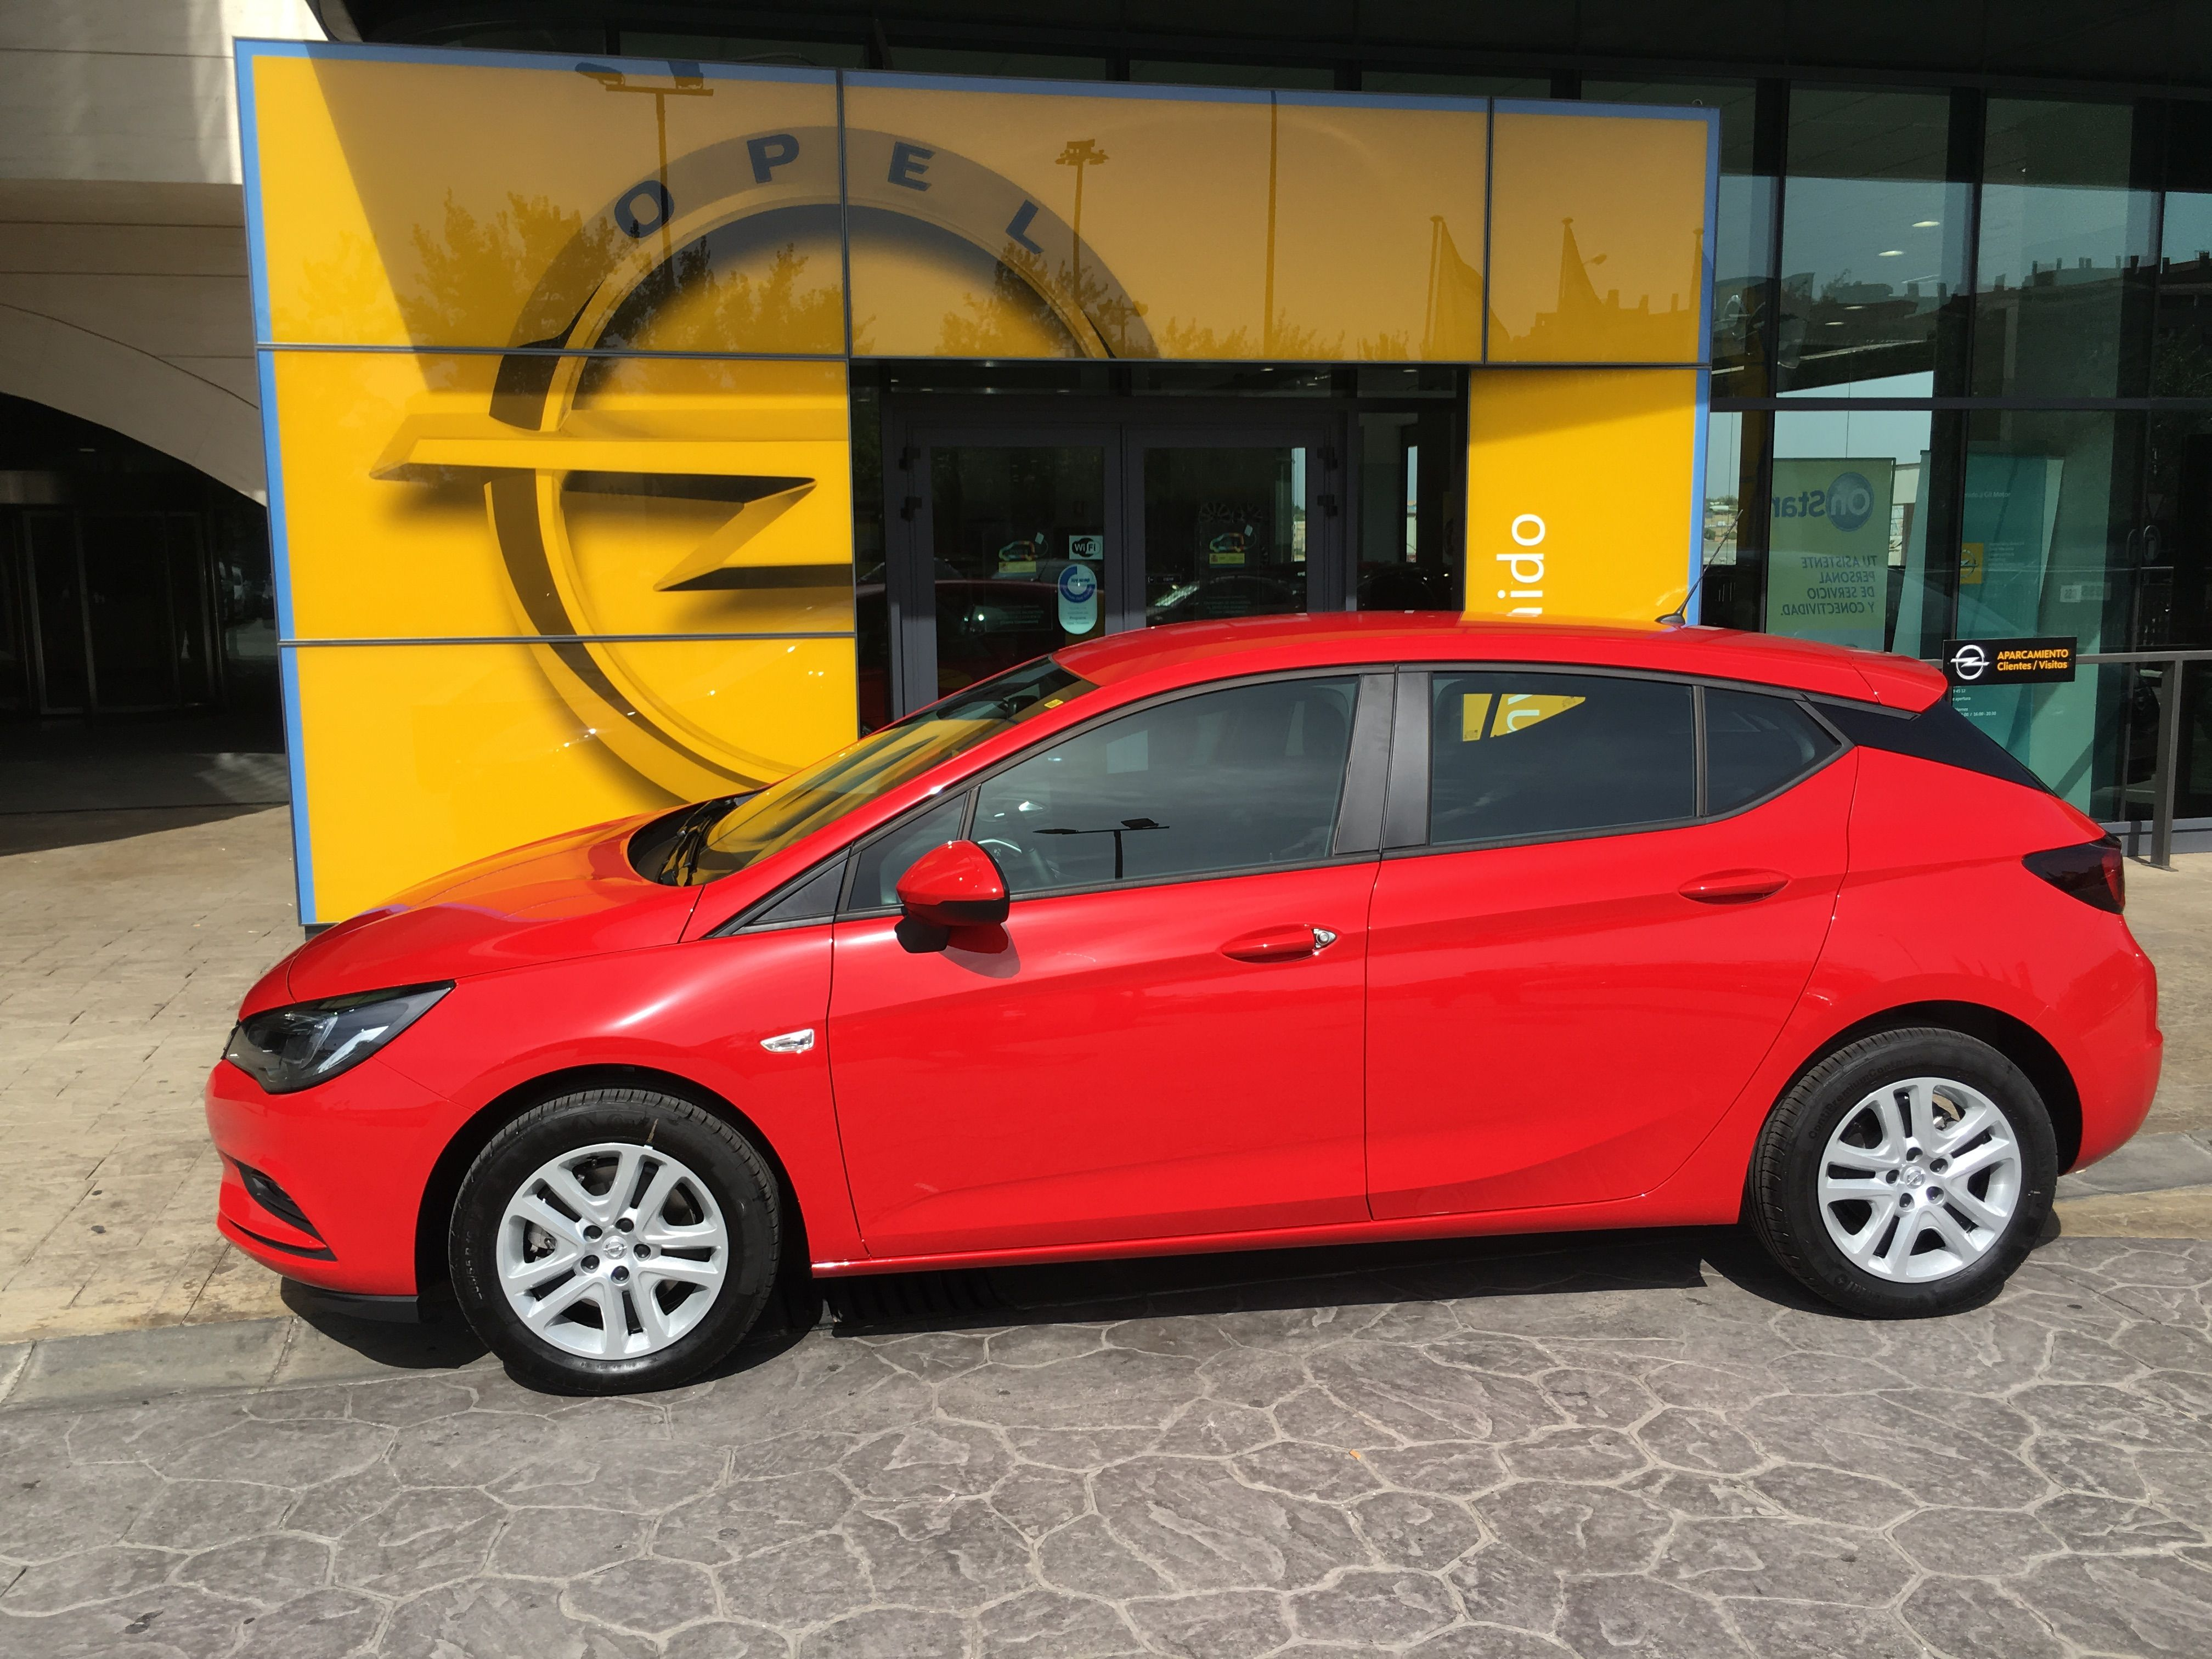 OFERTA LIMITADA /14.200€/ ASTRA SELECTIVE 1.0T 105 CV gasolina 5 puertas